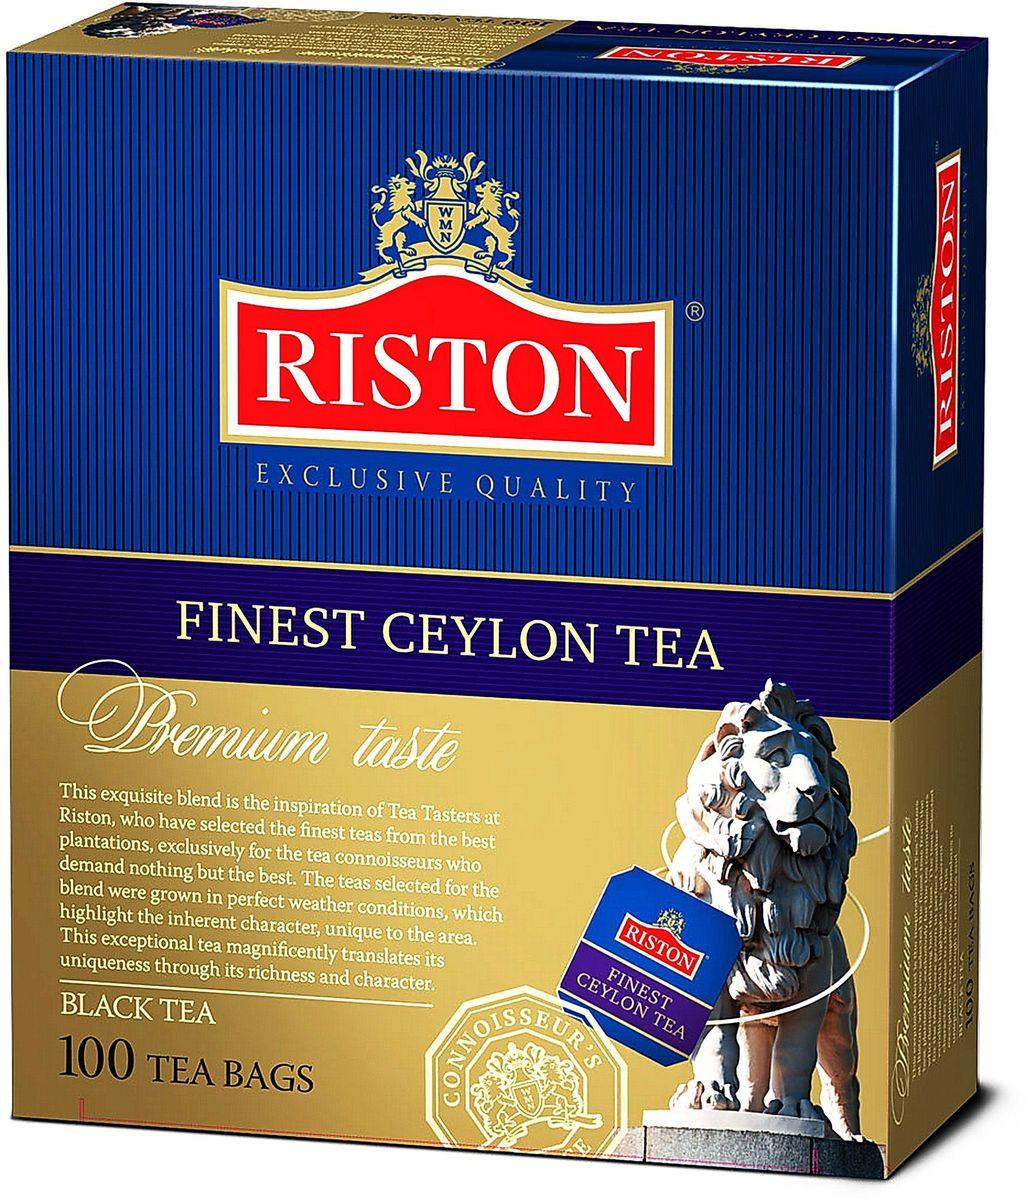 Riston Файнест Цейлон черный чай в пакетиках, 100 шт riston фруктовое ассорти черный чай в пакетиках 25 шт